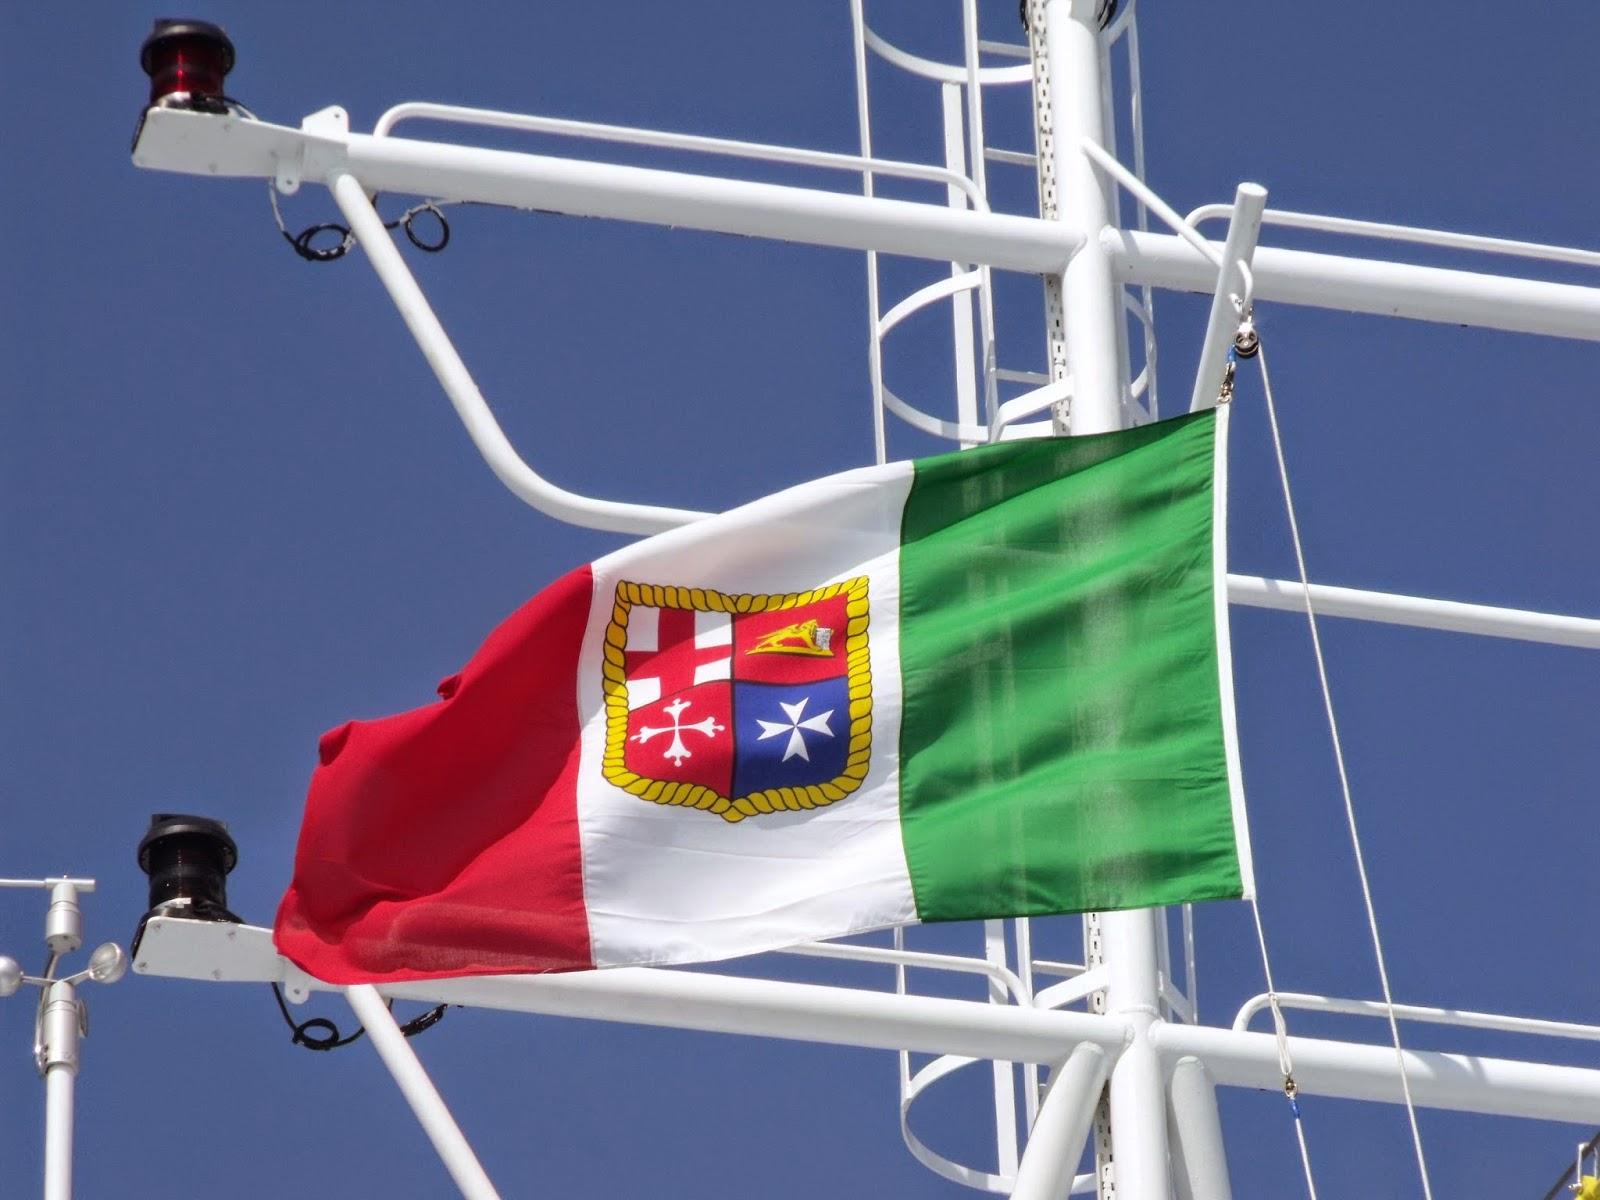 Tonnage tax e bandiera normativa nella bufera